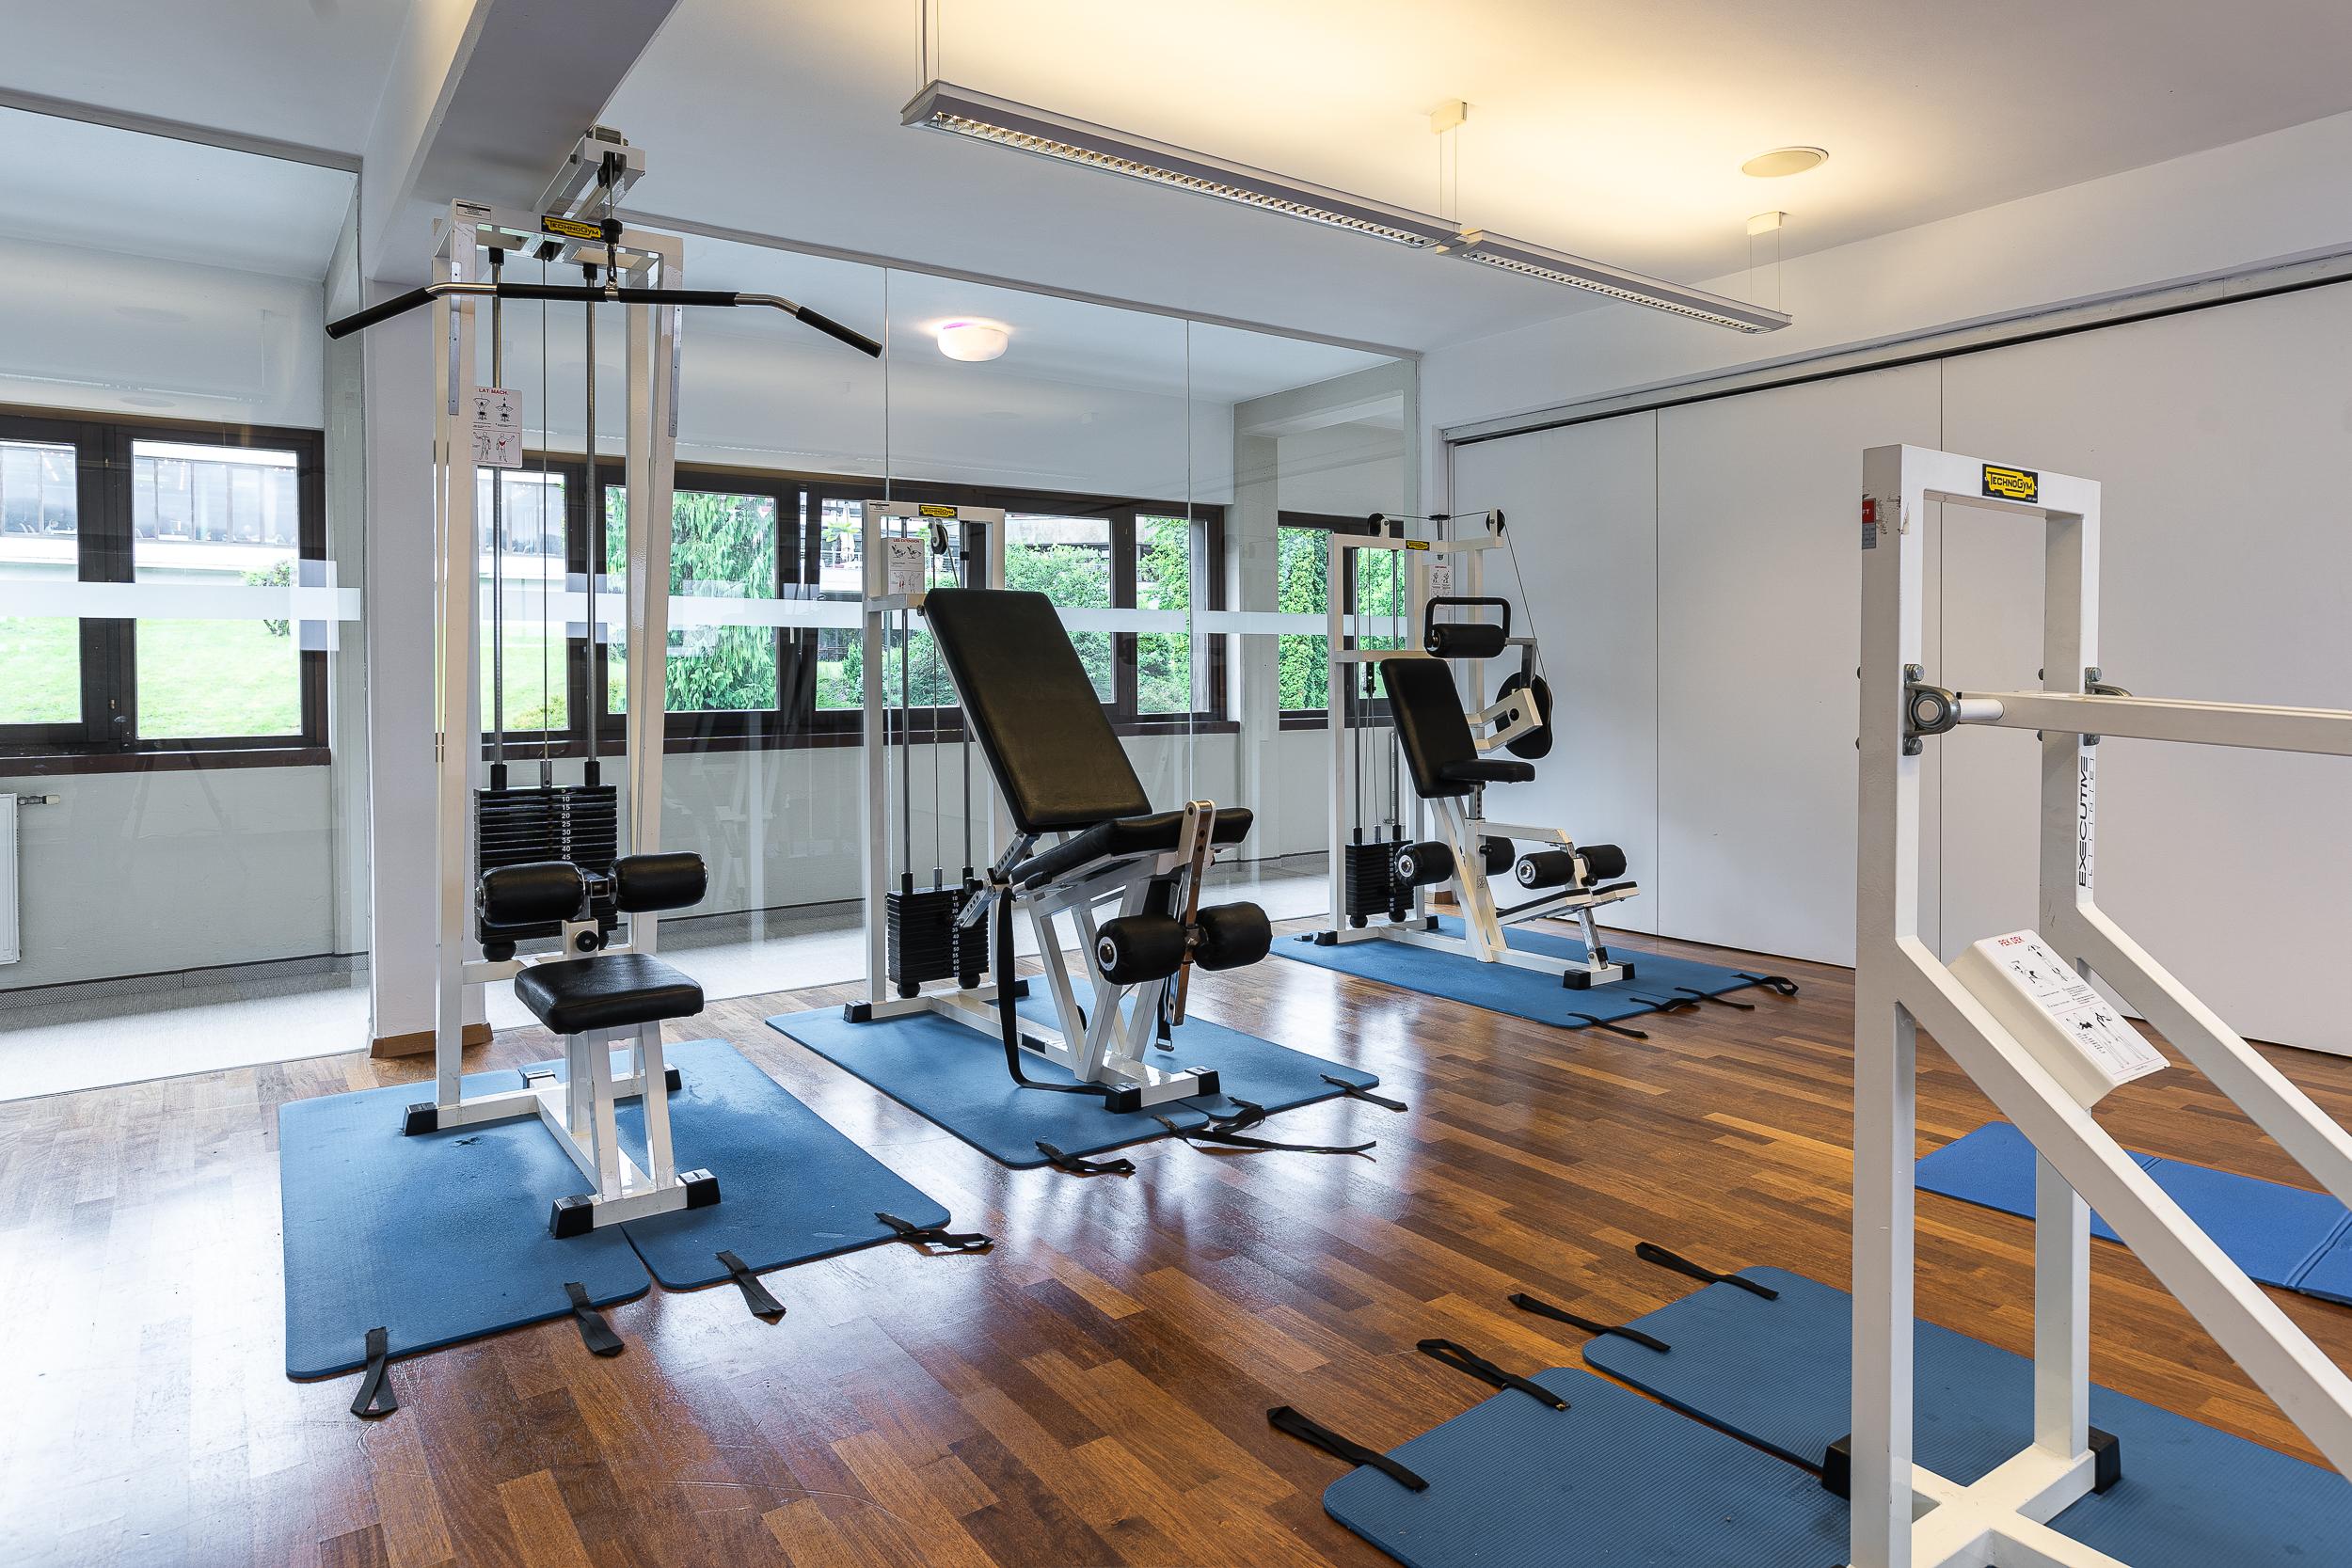 hotel parks fitnessbereich